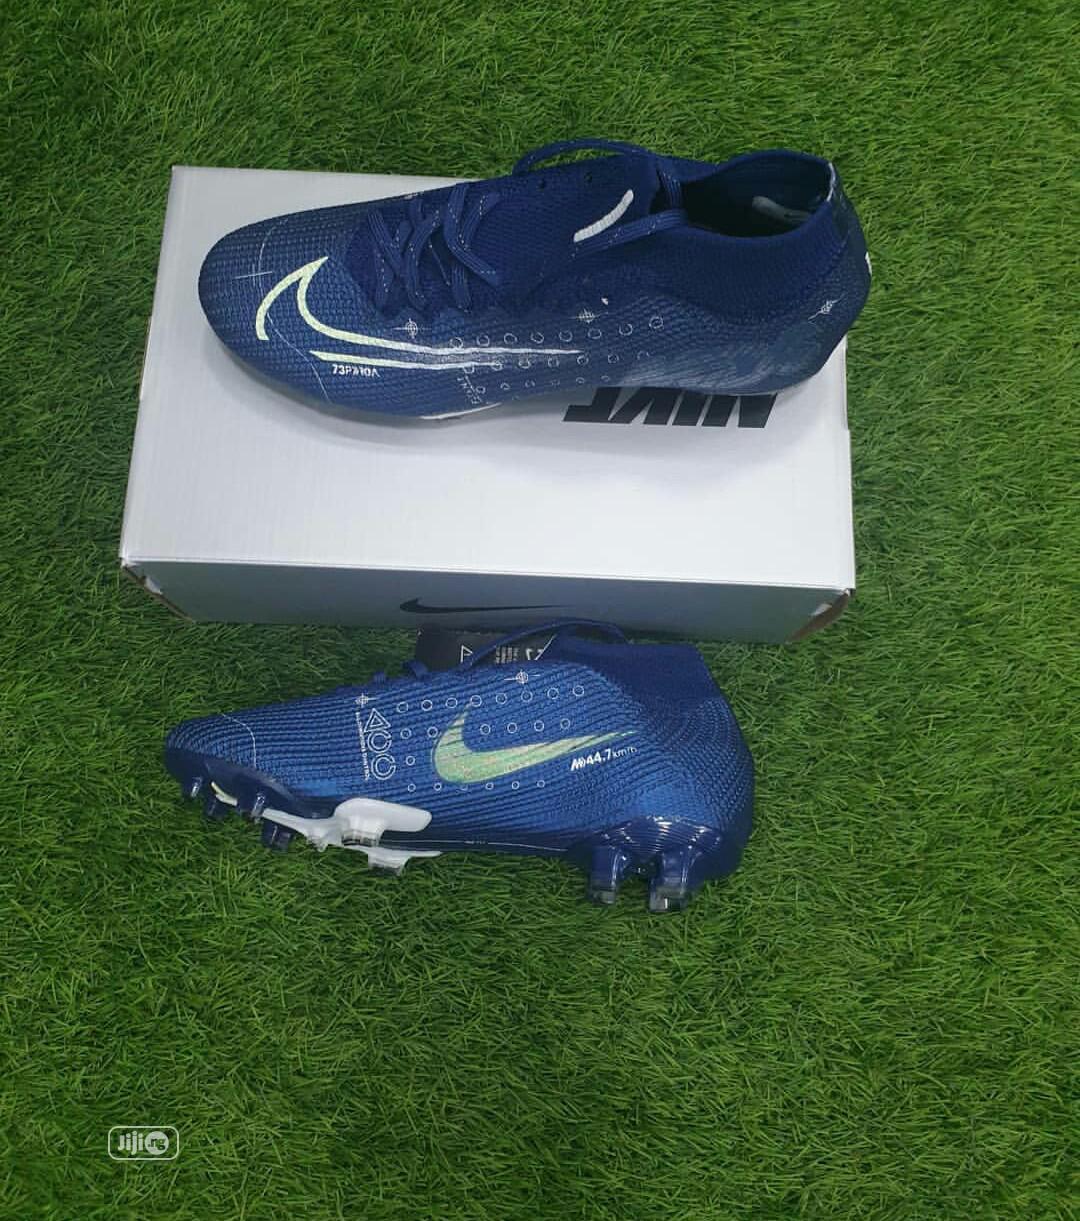 Original Nike Football Boots in Apapa